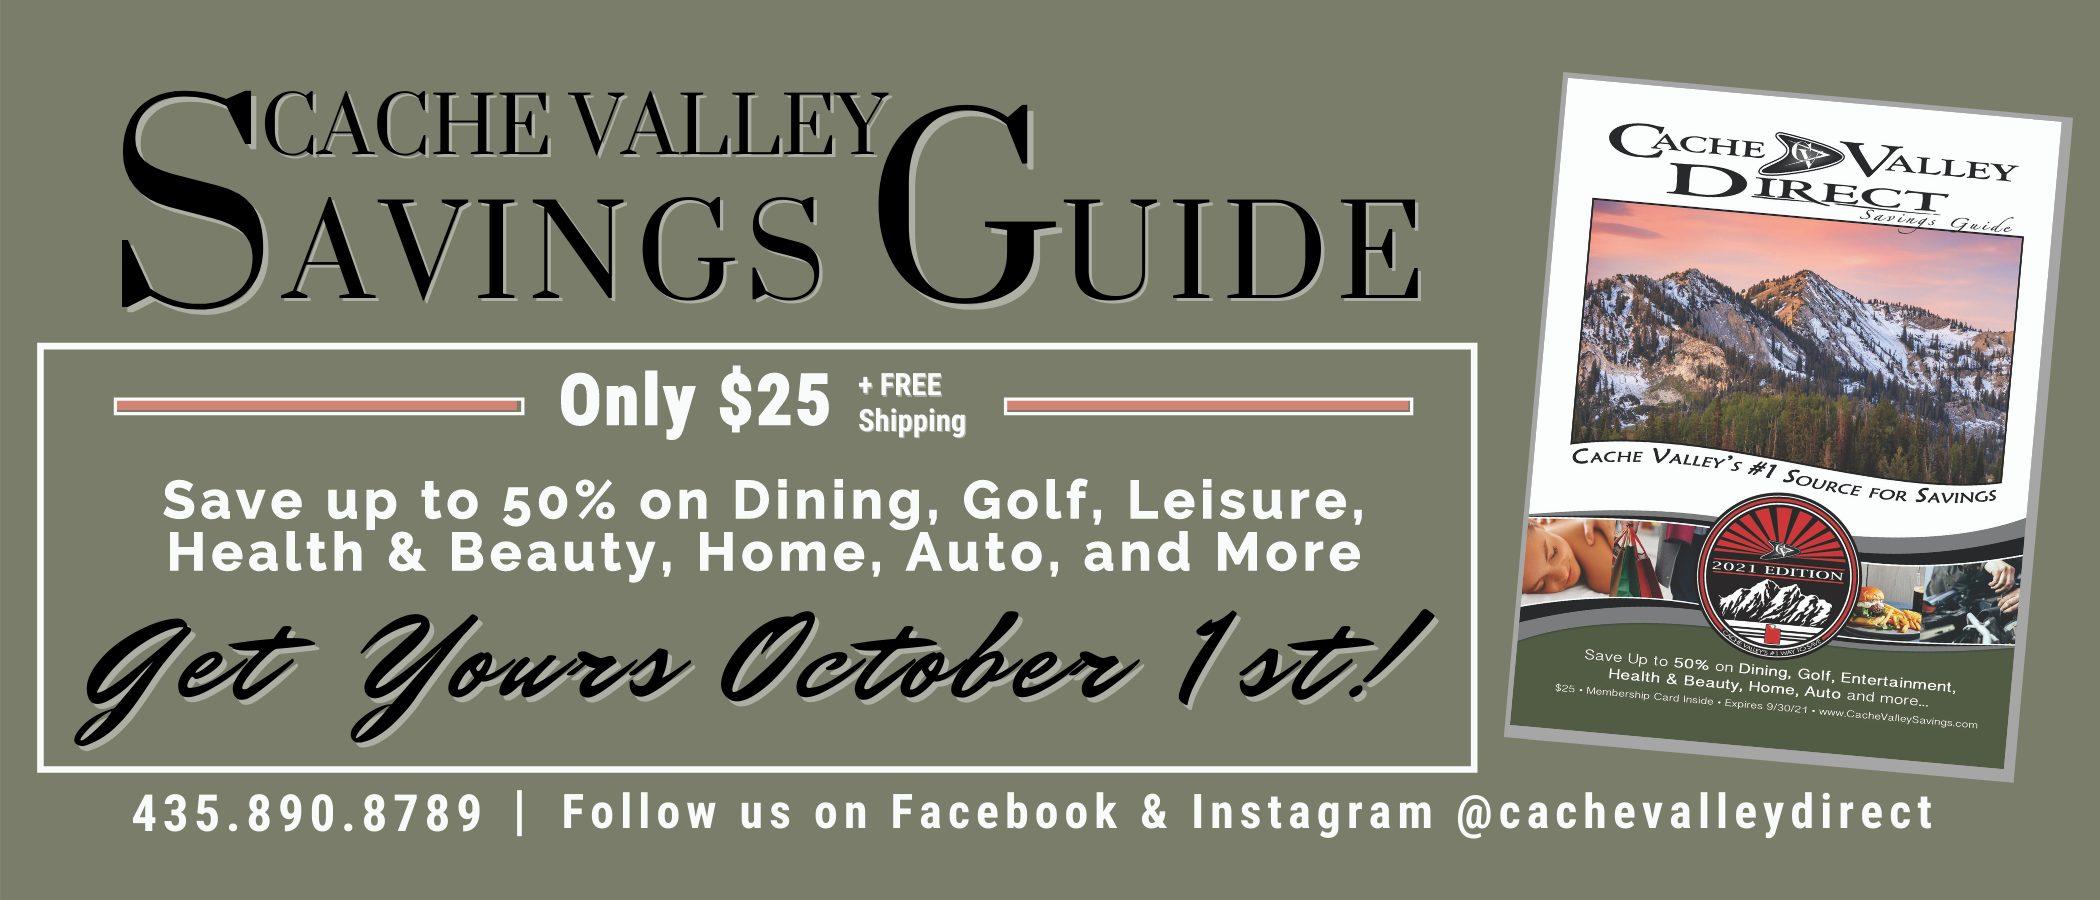 Cache Valley Direct Savings Guide Logan Utah